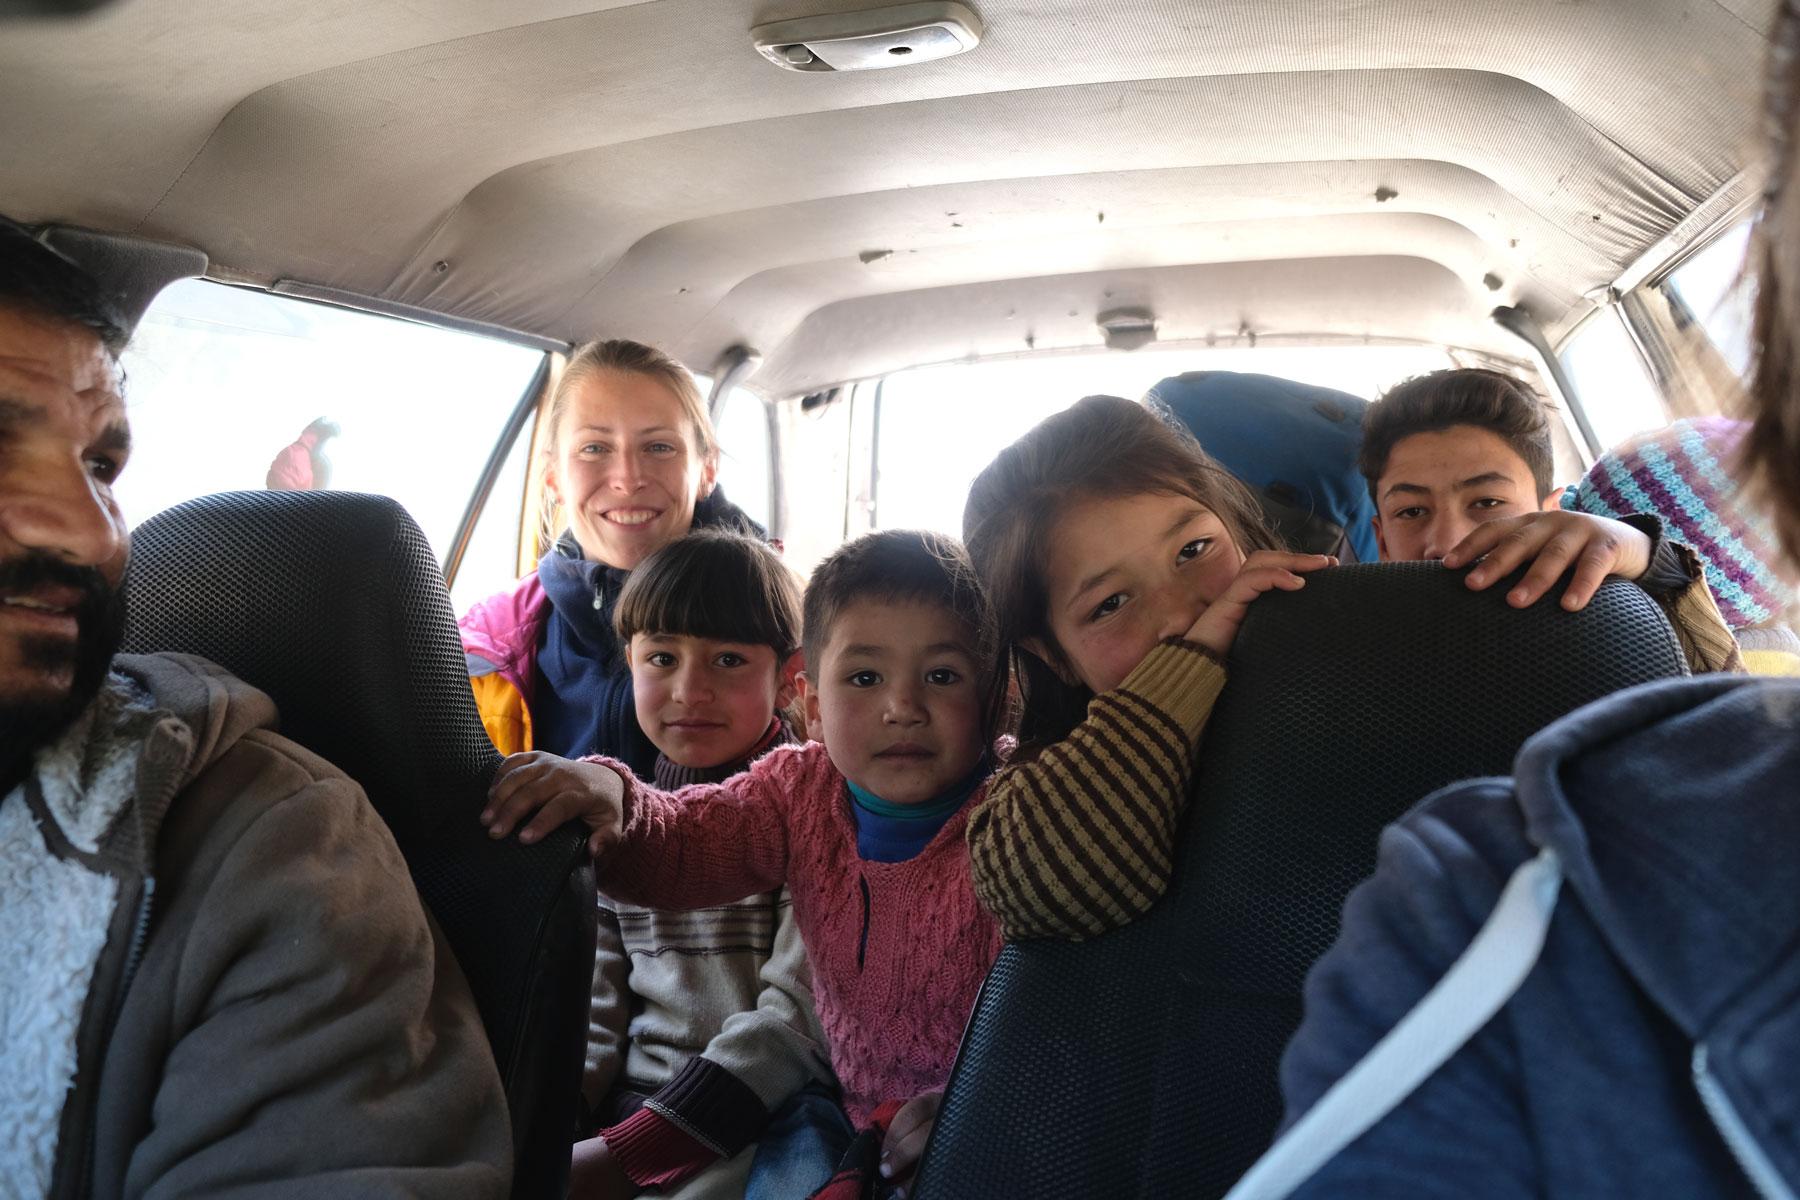 Leo mit Kindern in einem Auto.